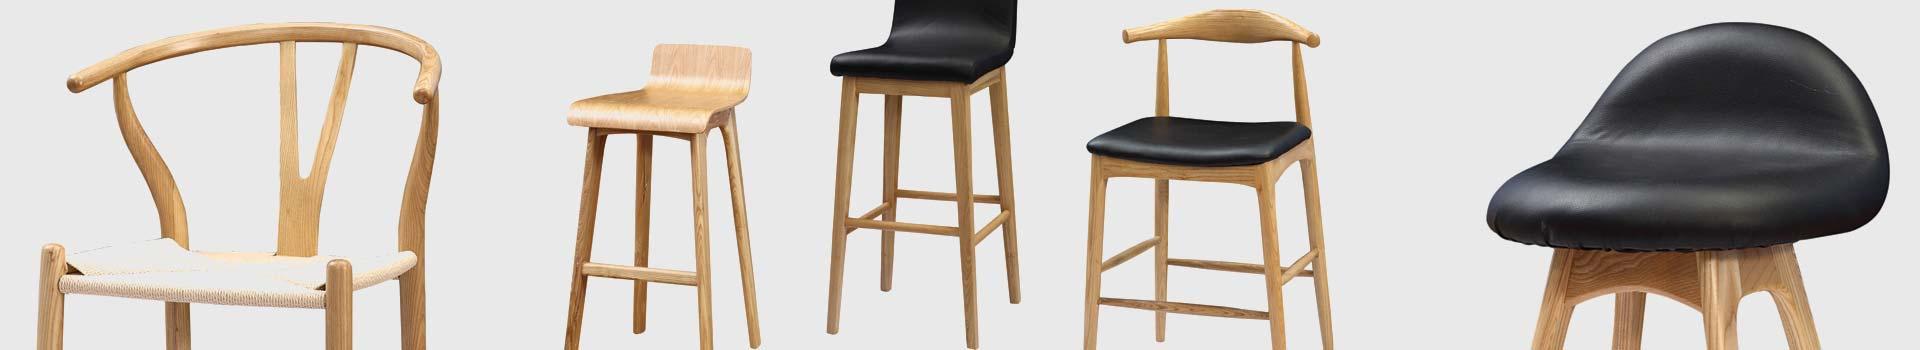 Деревянные стулья придадут интерьеру некий лофт стиль. Стулья АКЛАС